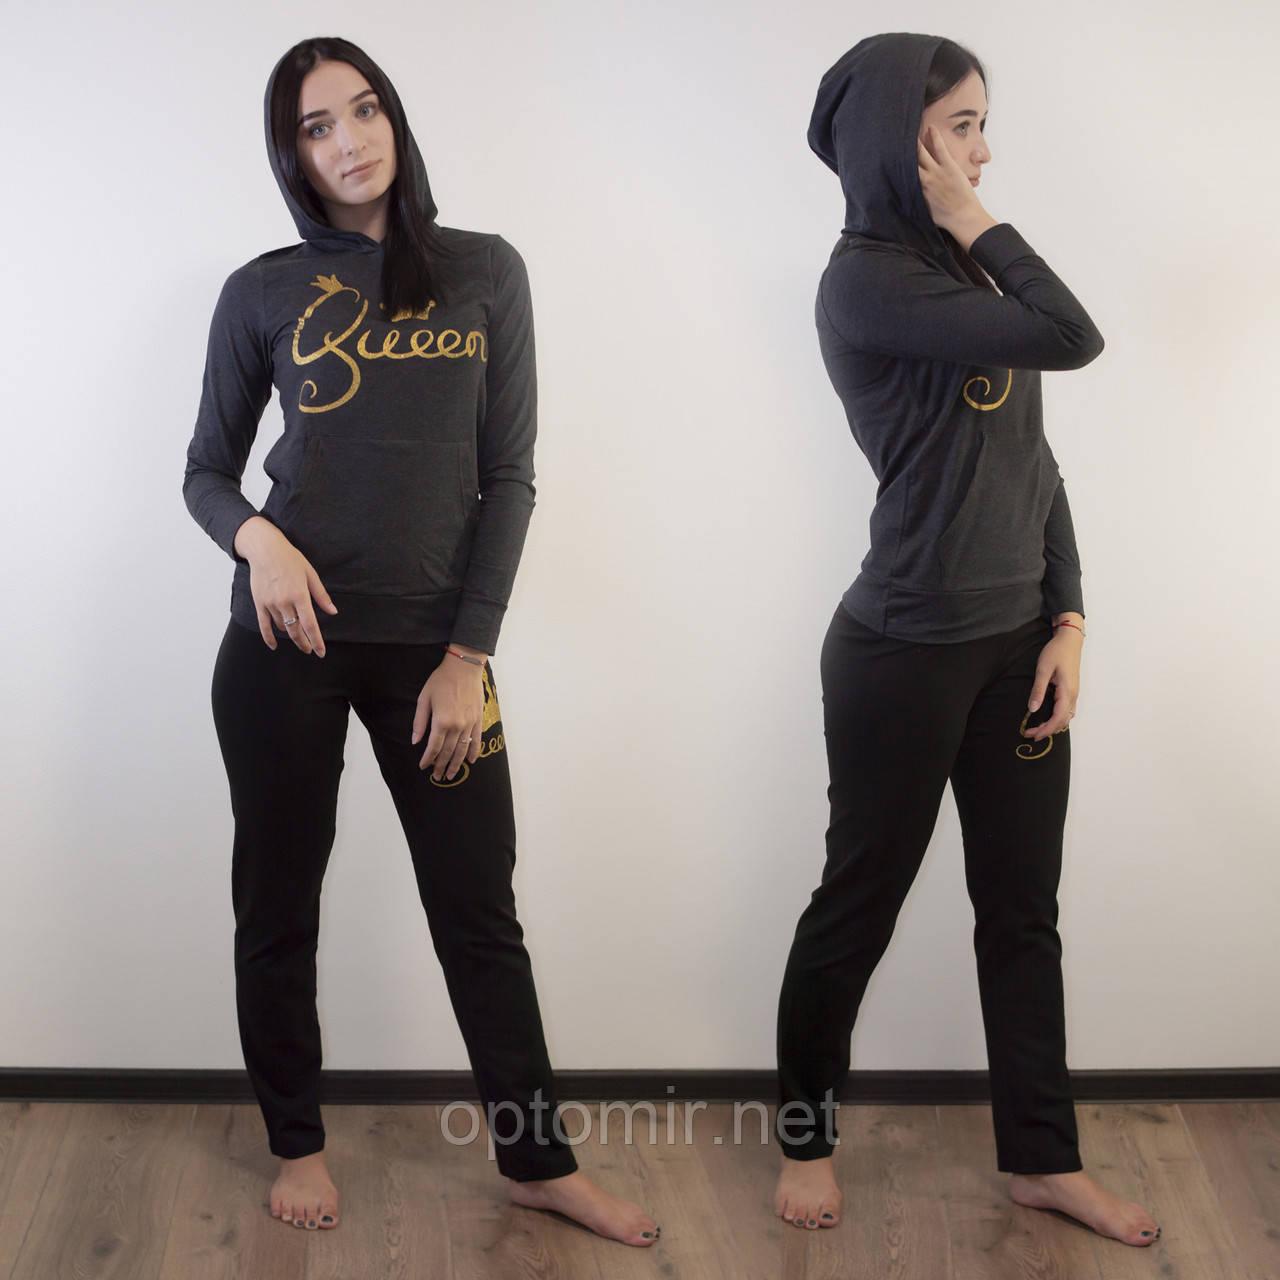 Пижама женская Sexen Турция S, M, L, XL | 1 шт.